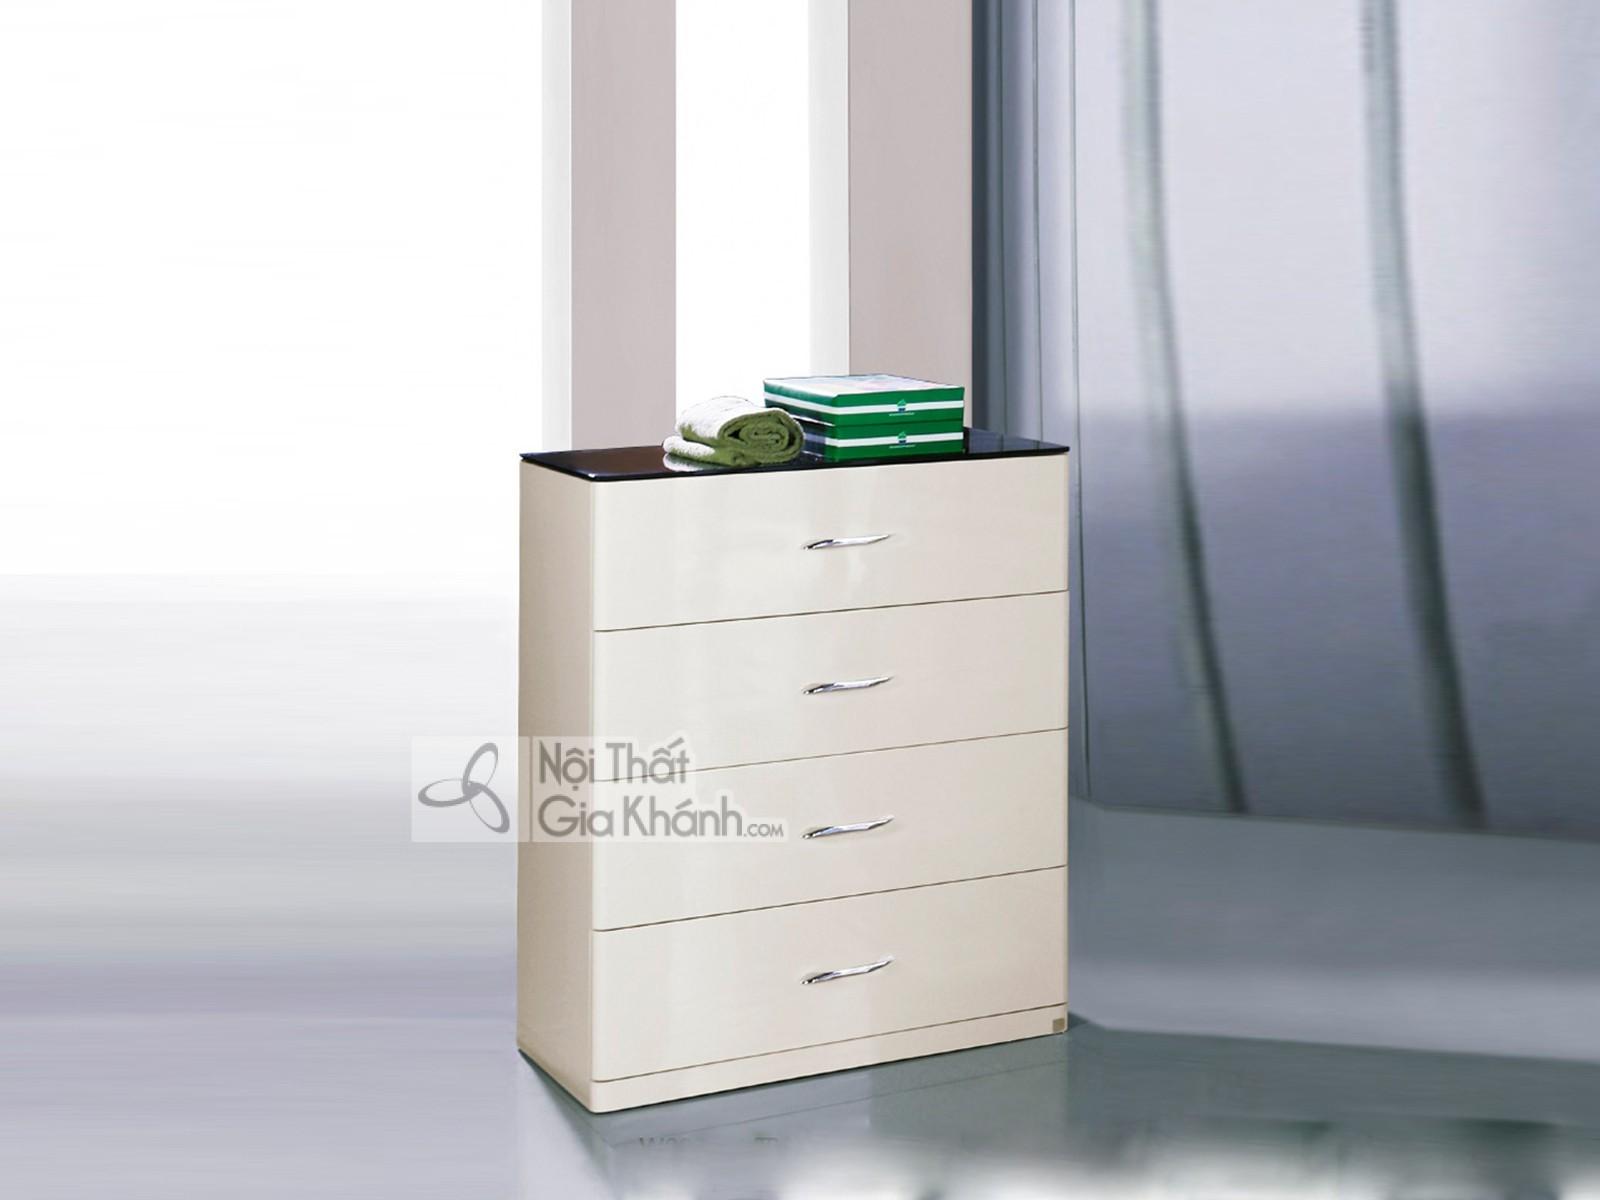 Tủ ngăn kéo gỗ nhập khẩu TK3301-4